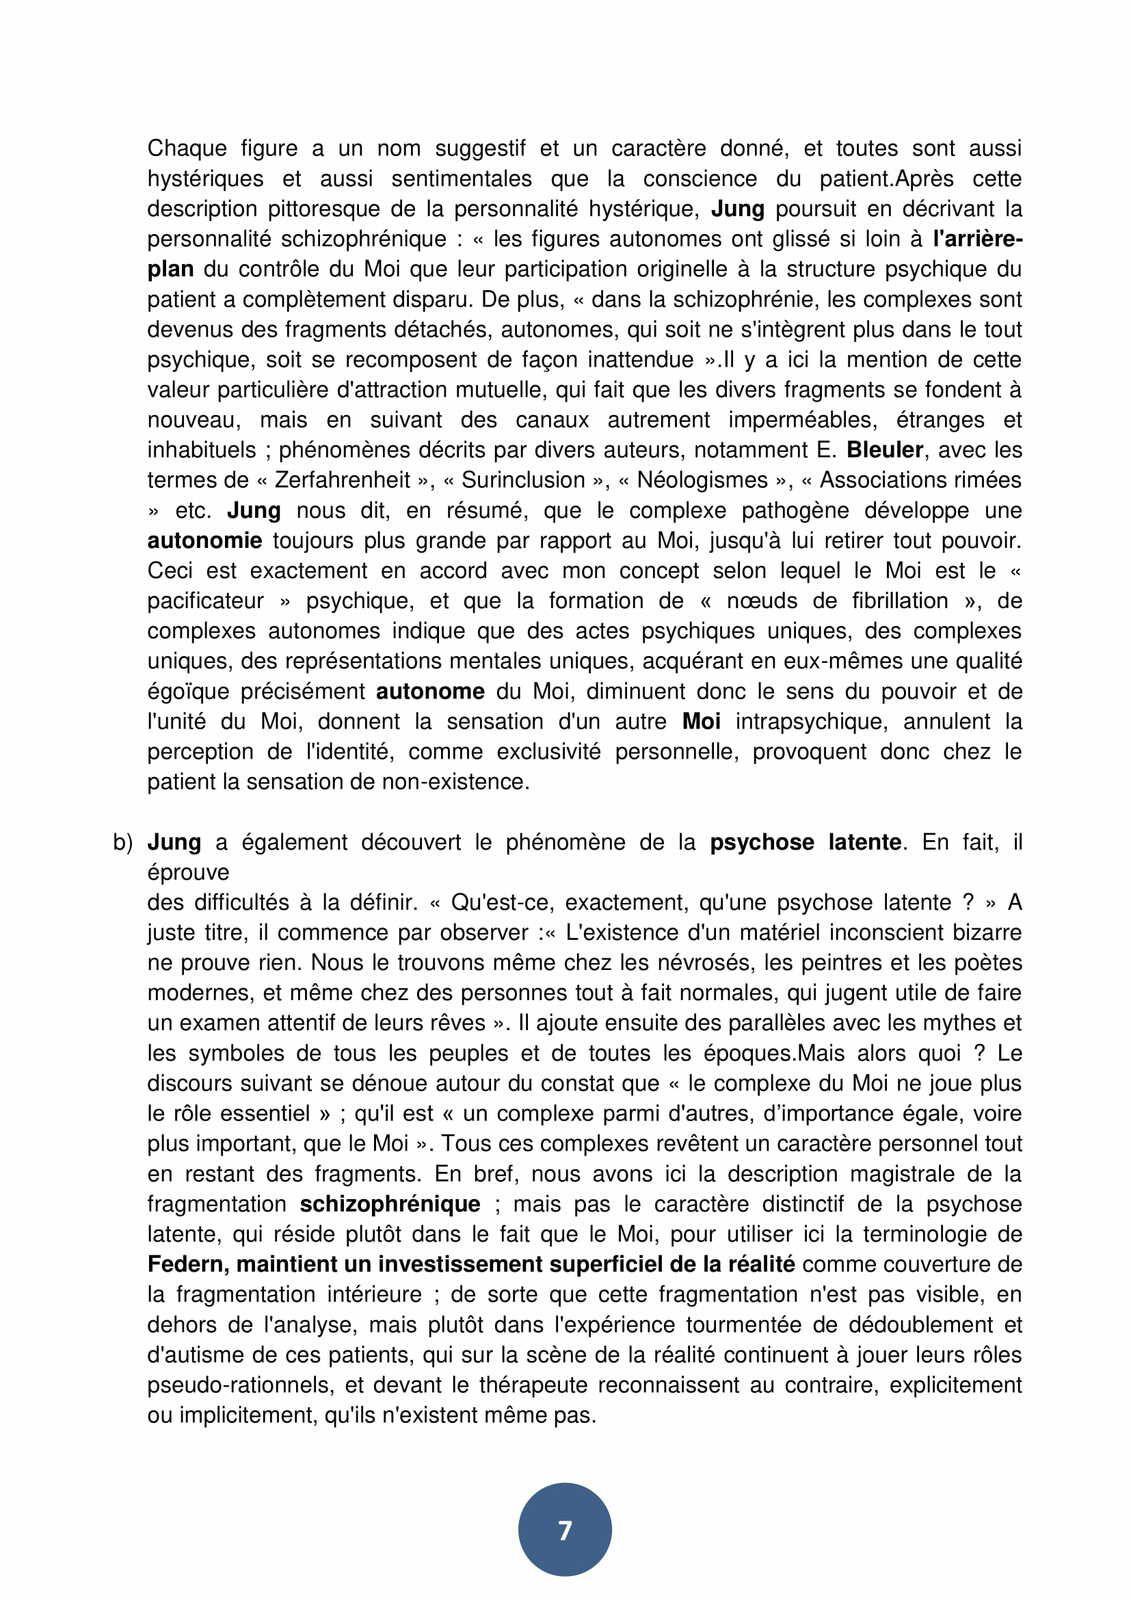 JUNG ET LA SCHIZOPHRENIE /Discours du Prof. Gaetano Benedetti Gaglio au 60me anniversaire  de la mort du père de la psychanalyse Carl Gustav Jung, dont le Professeur était l'élevé et le disciple.